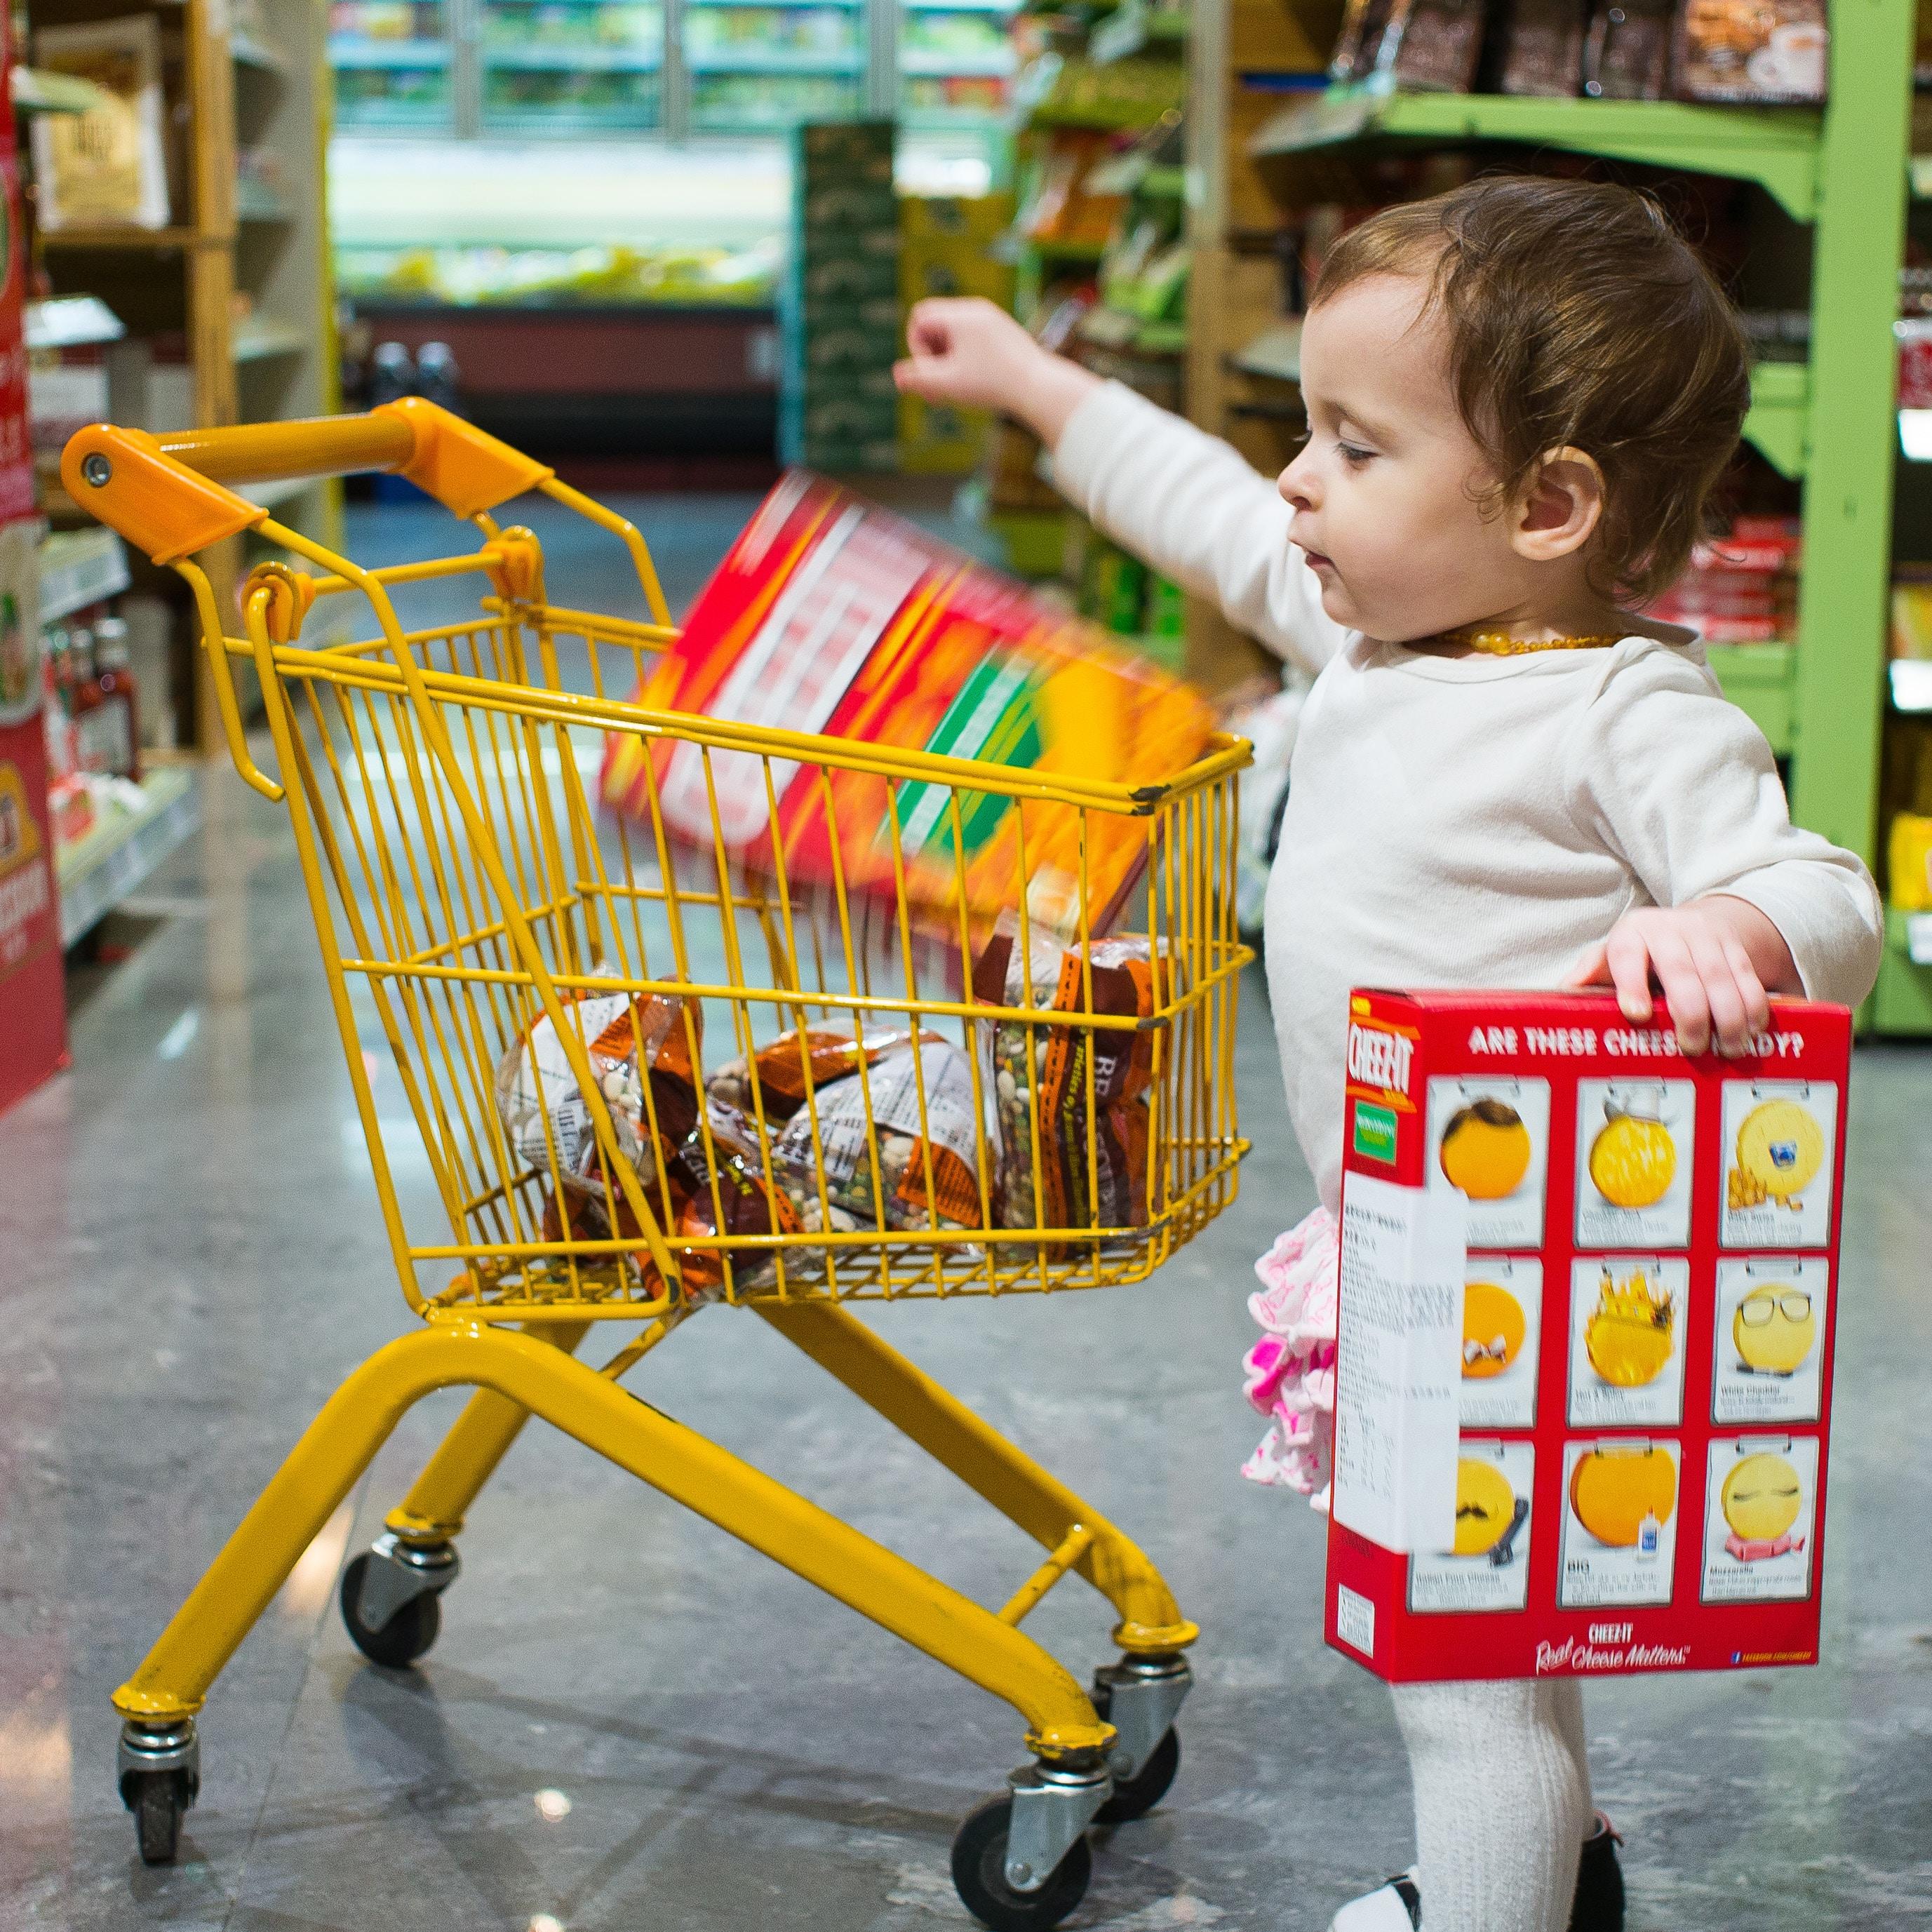 Paquet de céréale, enfant, étiquette, étiquette adhésive, étiquettes, étiquettes adhésives, étiquette autocollante, étiquettes autocollantes, packaging